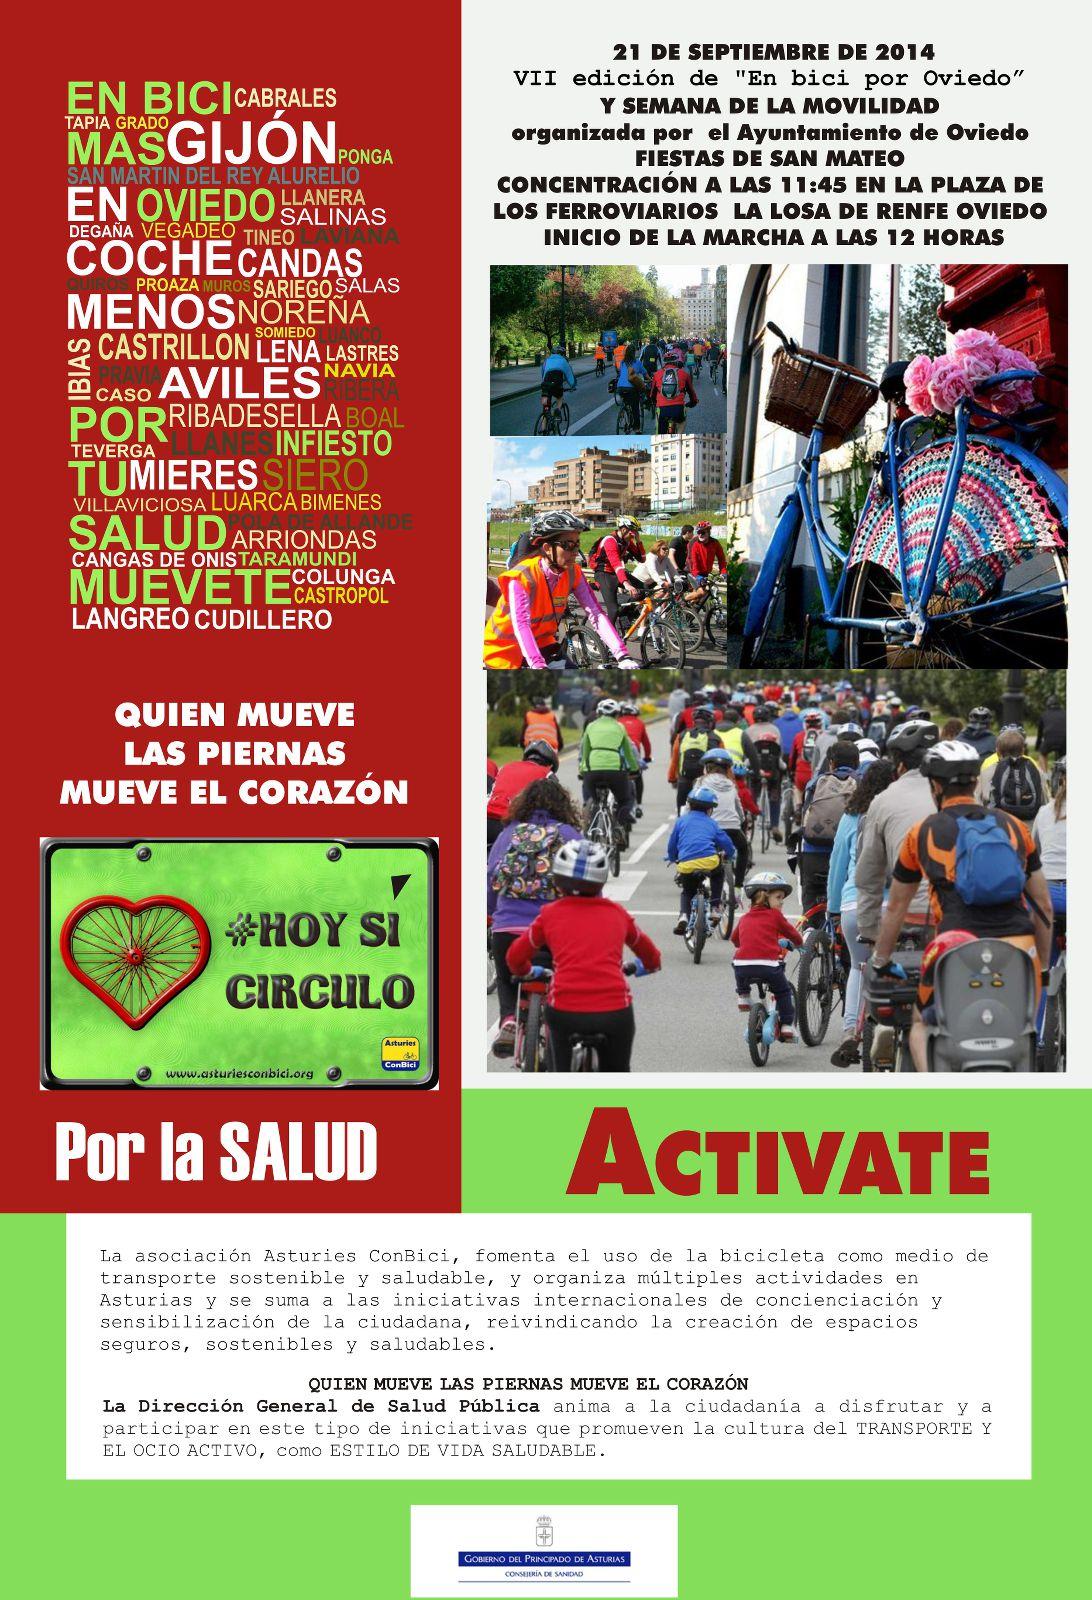 cartel-marcha31deseptiembre2014-concejaliasaludasturias.jpg